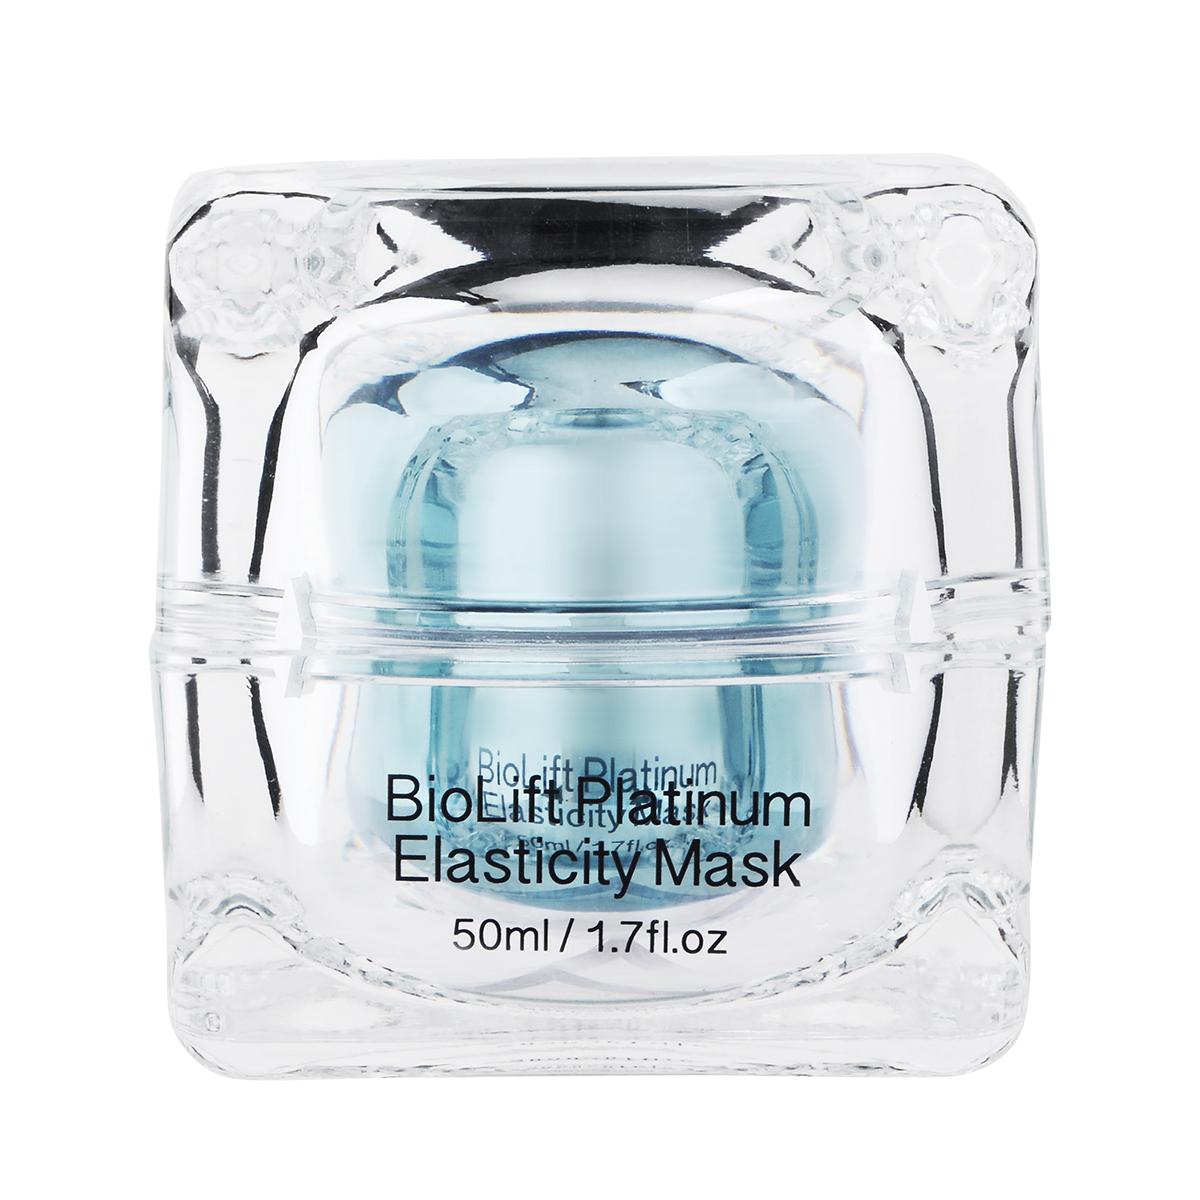 Biolift Platinum Elasticity Mask-1